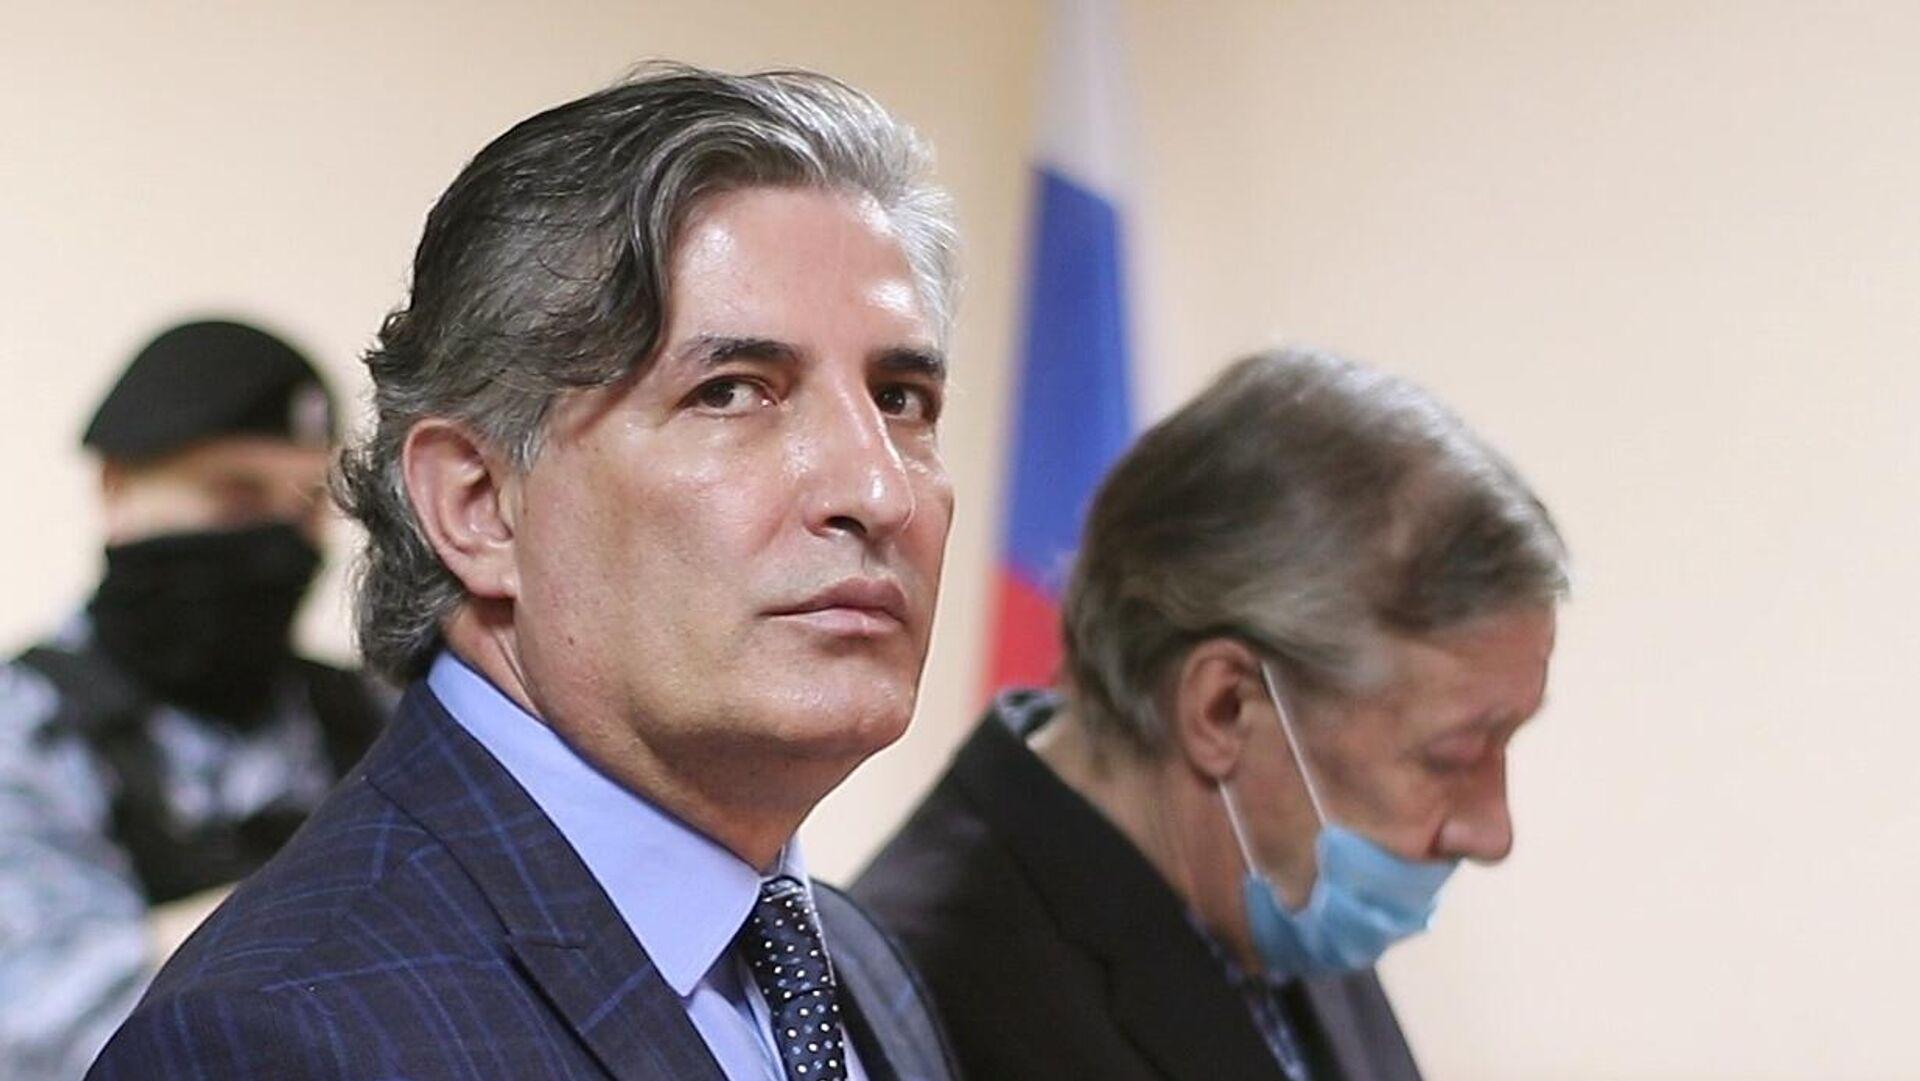 1576940798 0:0:1235:695 1920x0 80 0 0 9722ad4a0983f991ad4786872a38c76f - Из адвокатов в депутаты. Пашаев будет баллотироваться в Госдуму